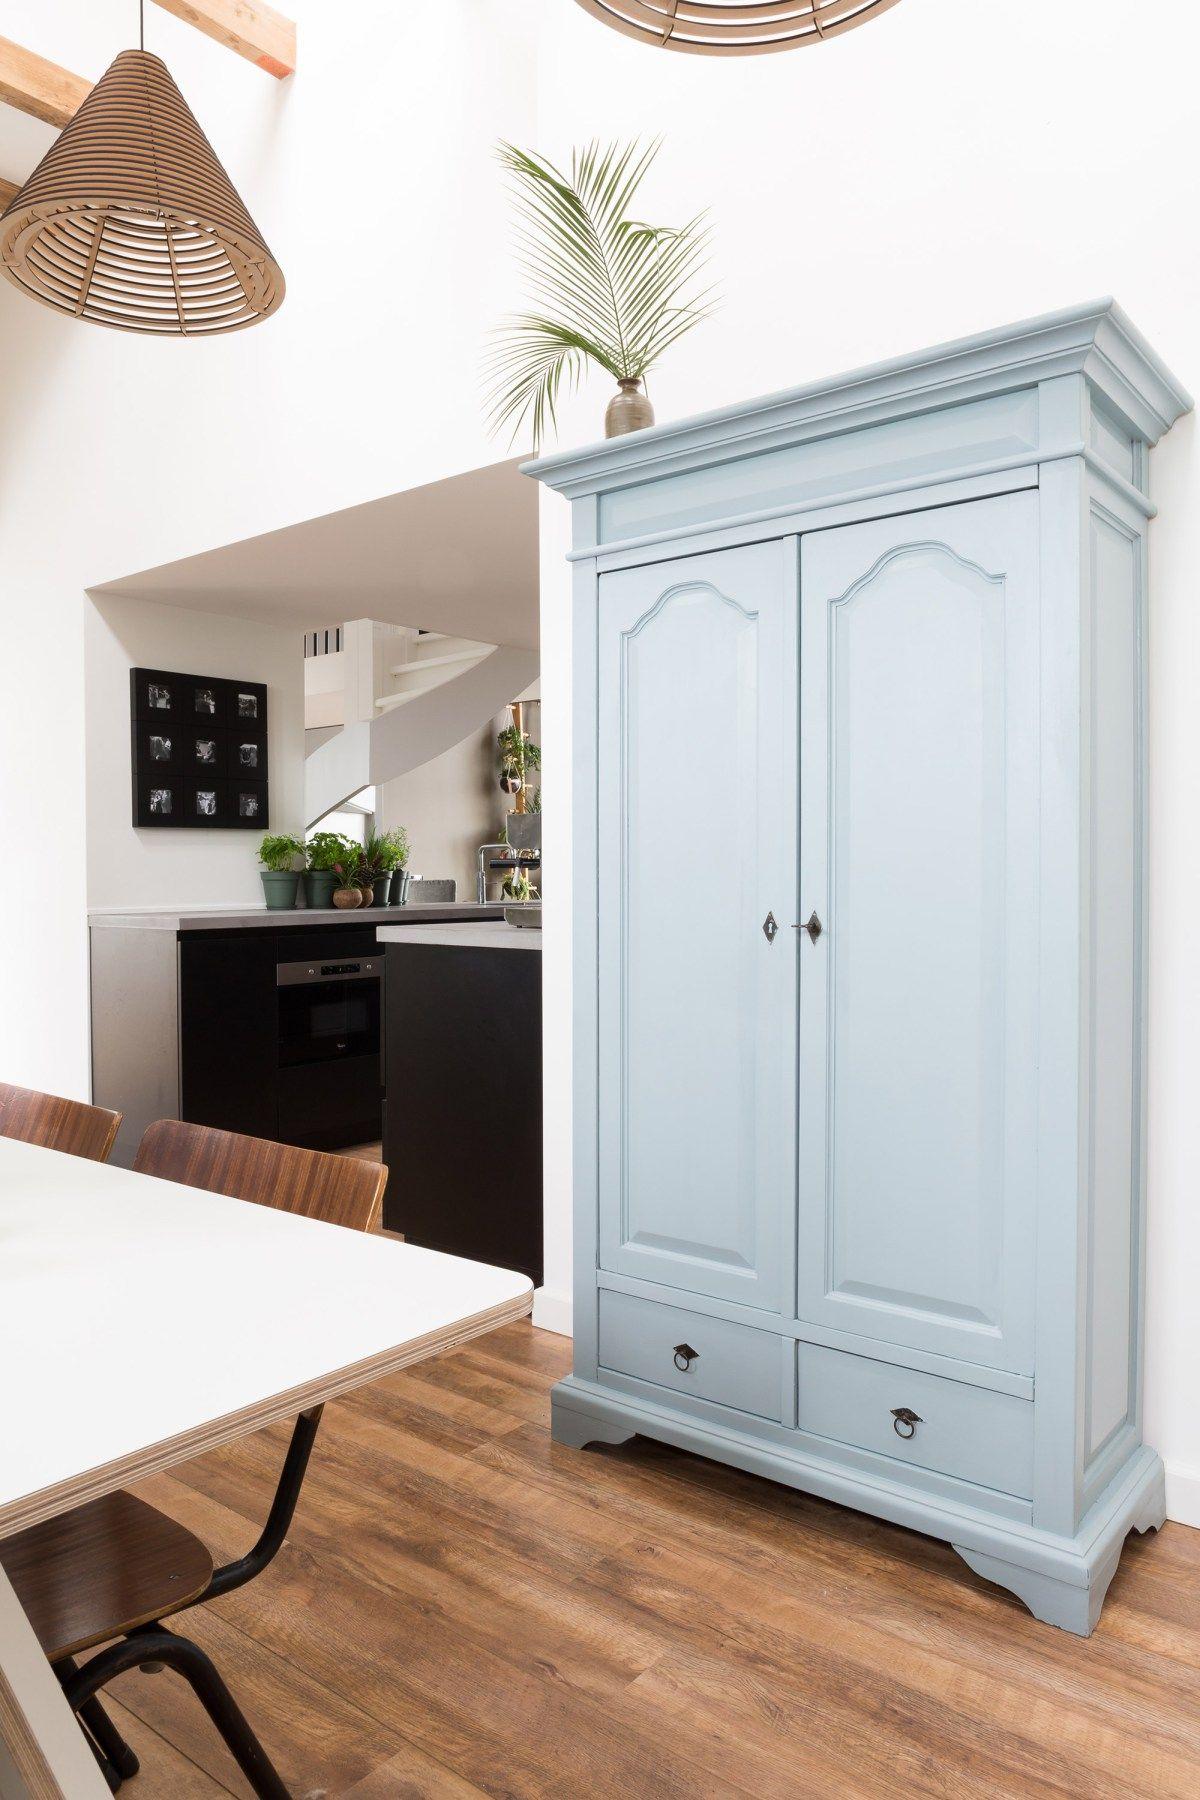 customiser meuble vintage bois bleu pastel astuce étudiante diy - blog déco - clem around the corner